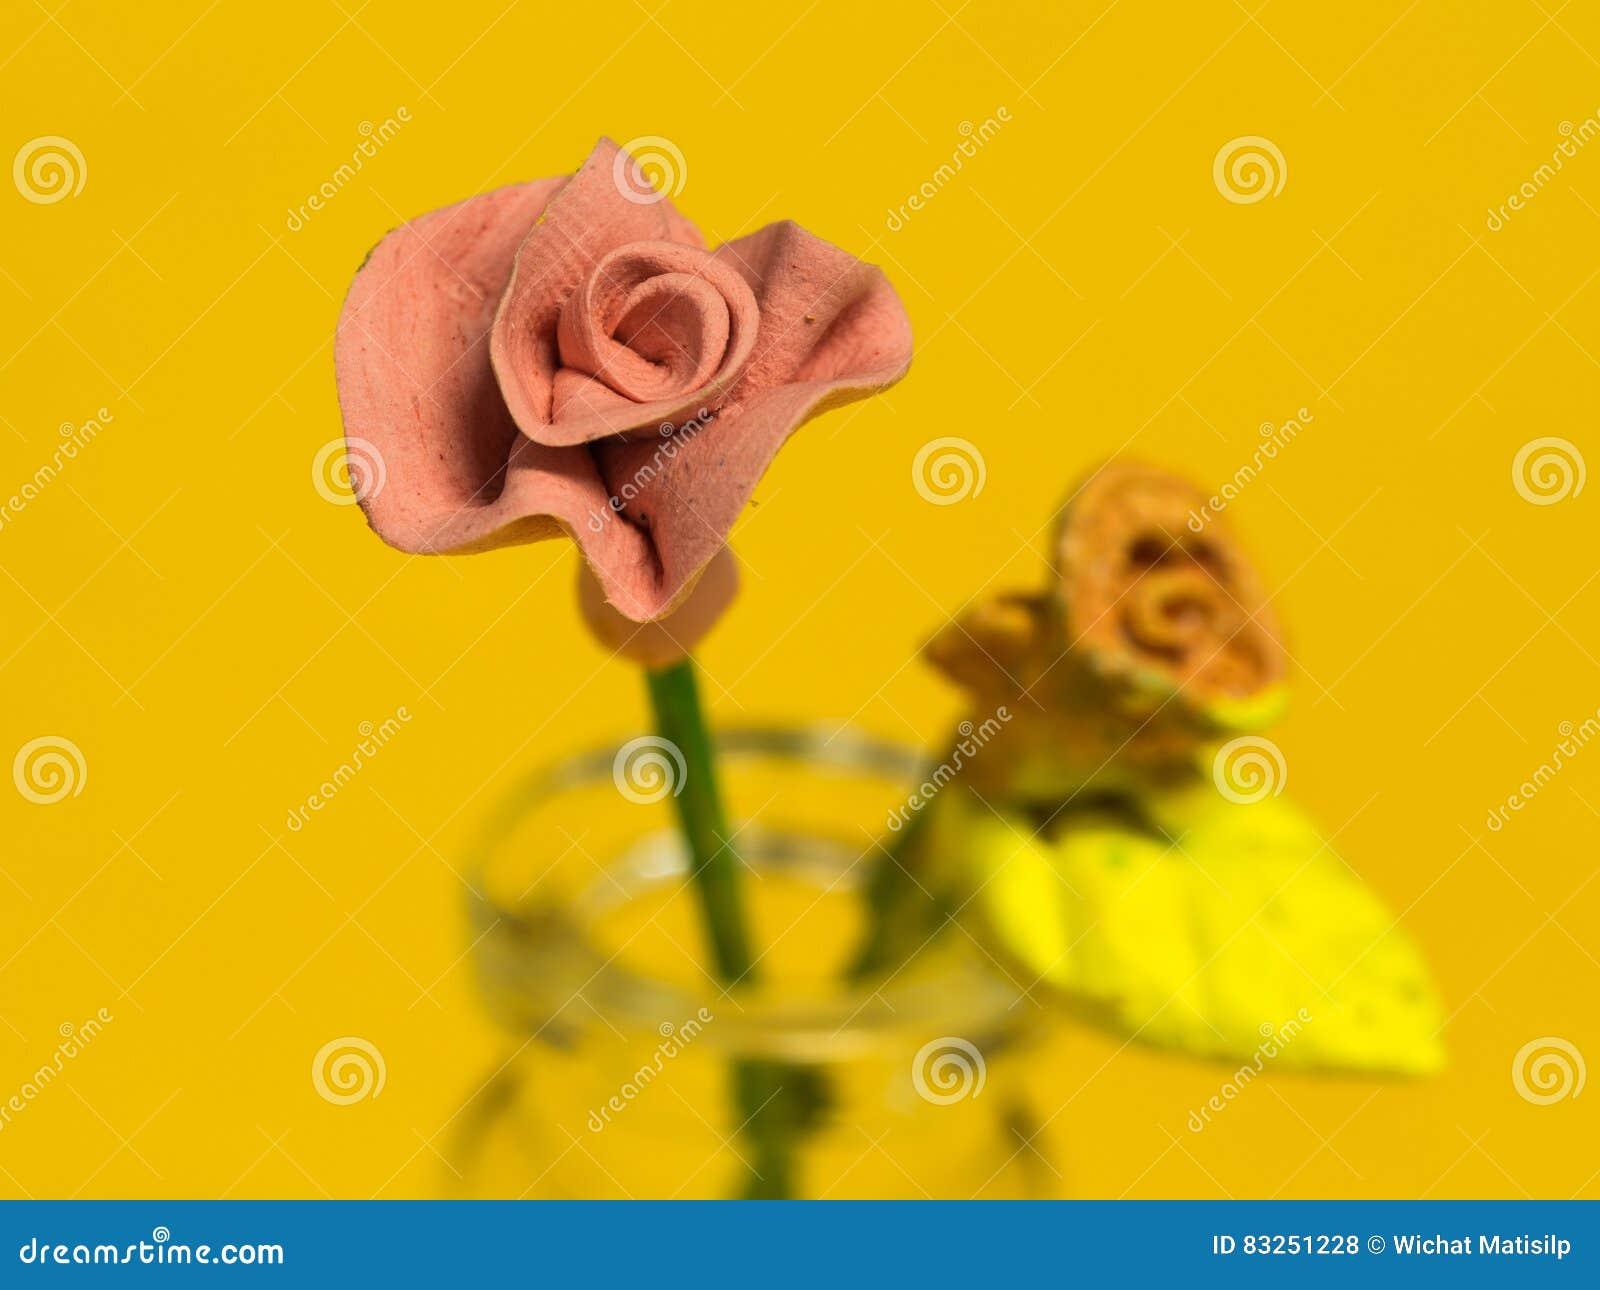 Roze Rose Tiny Toy